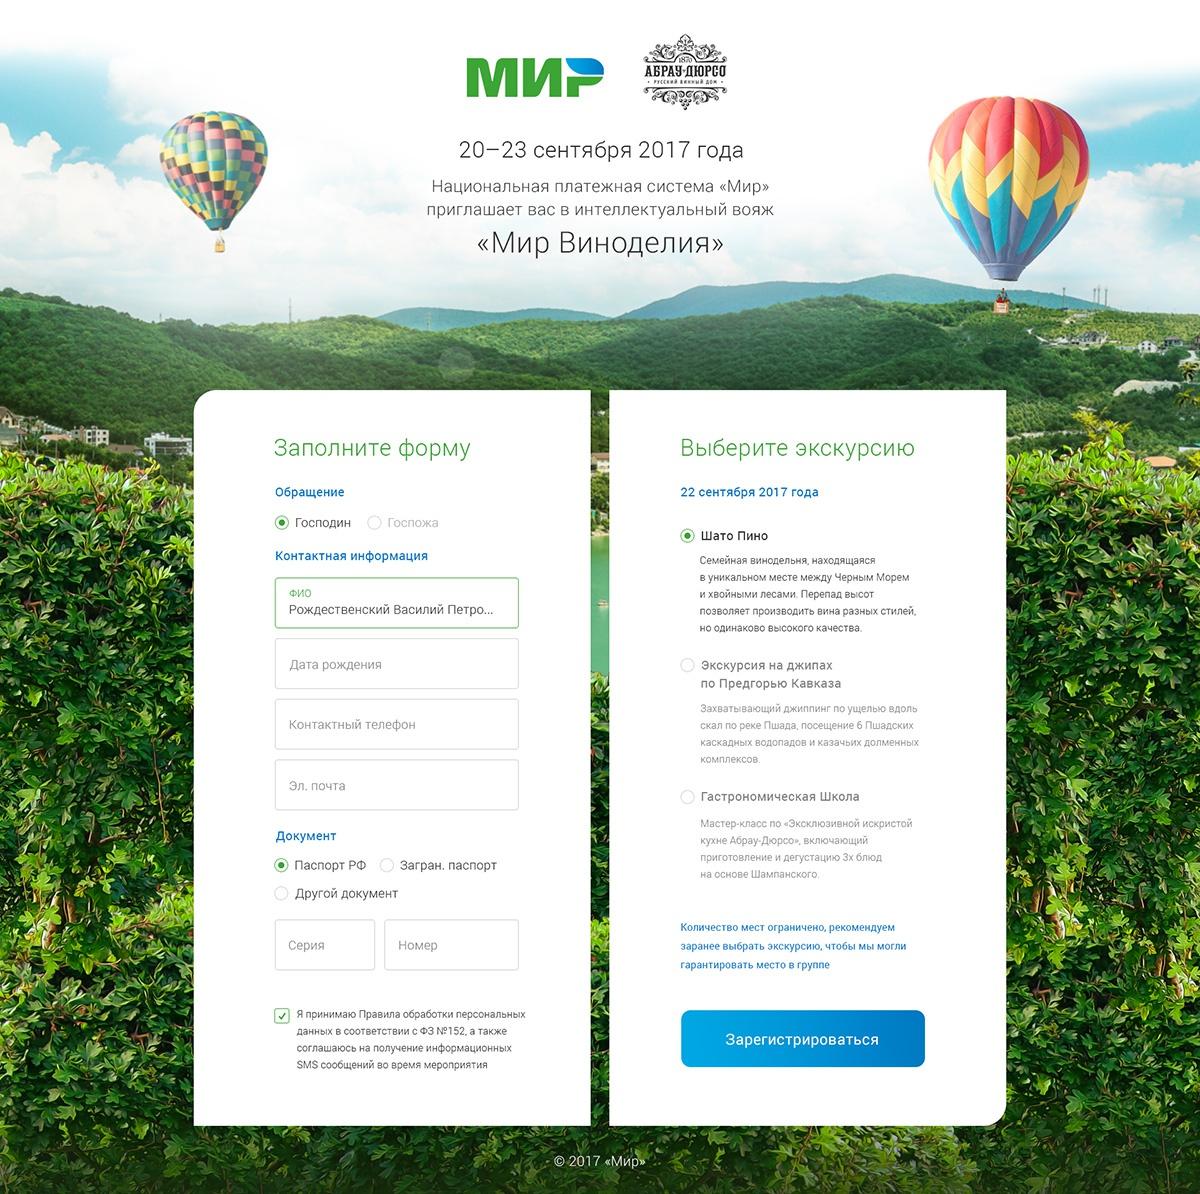 Регистрация гостей